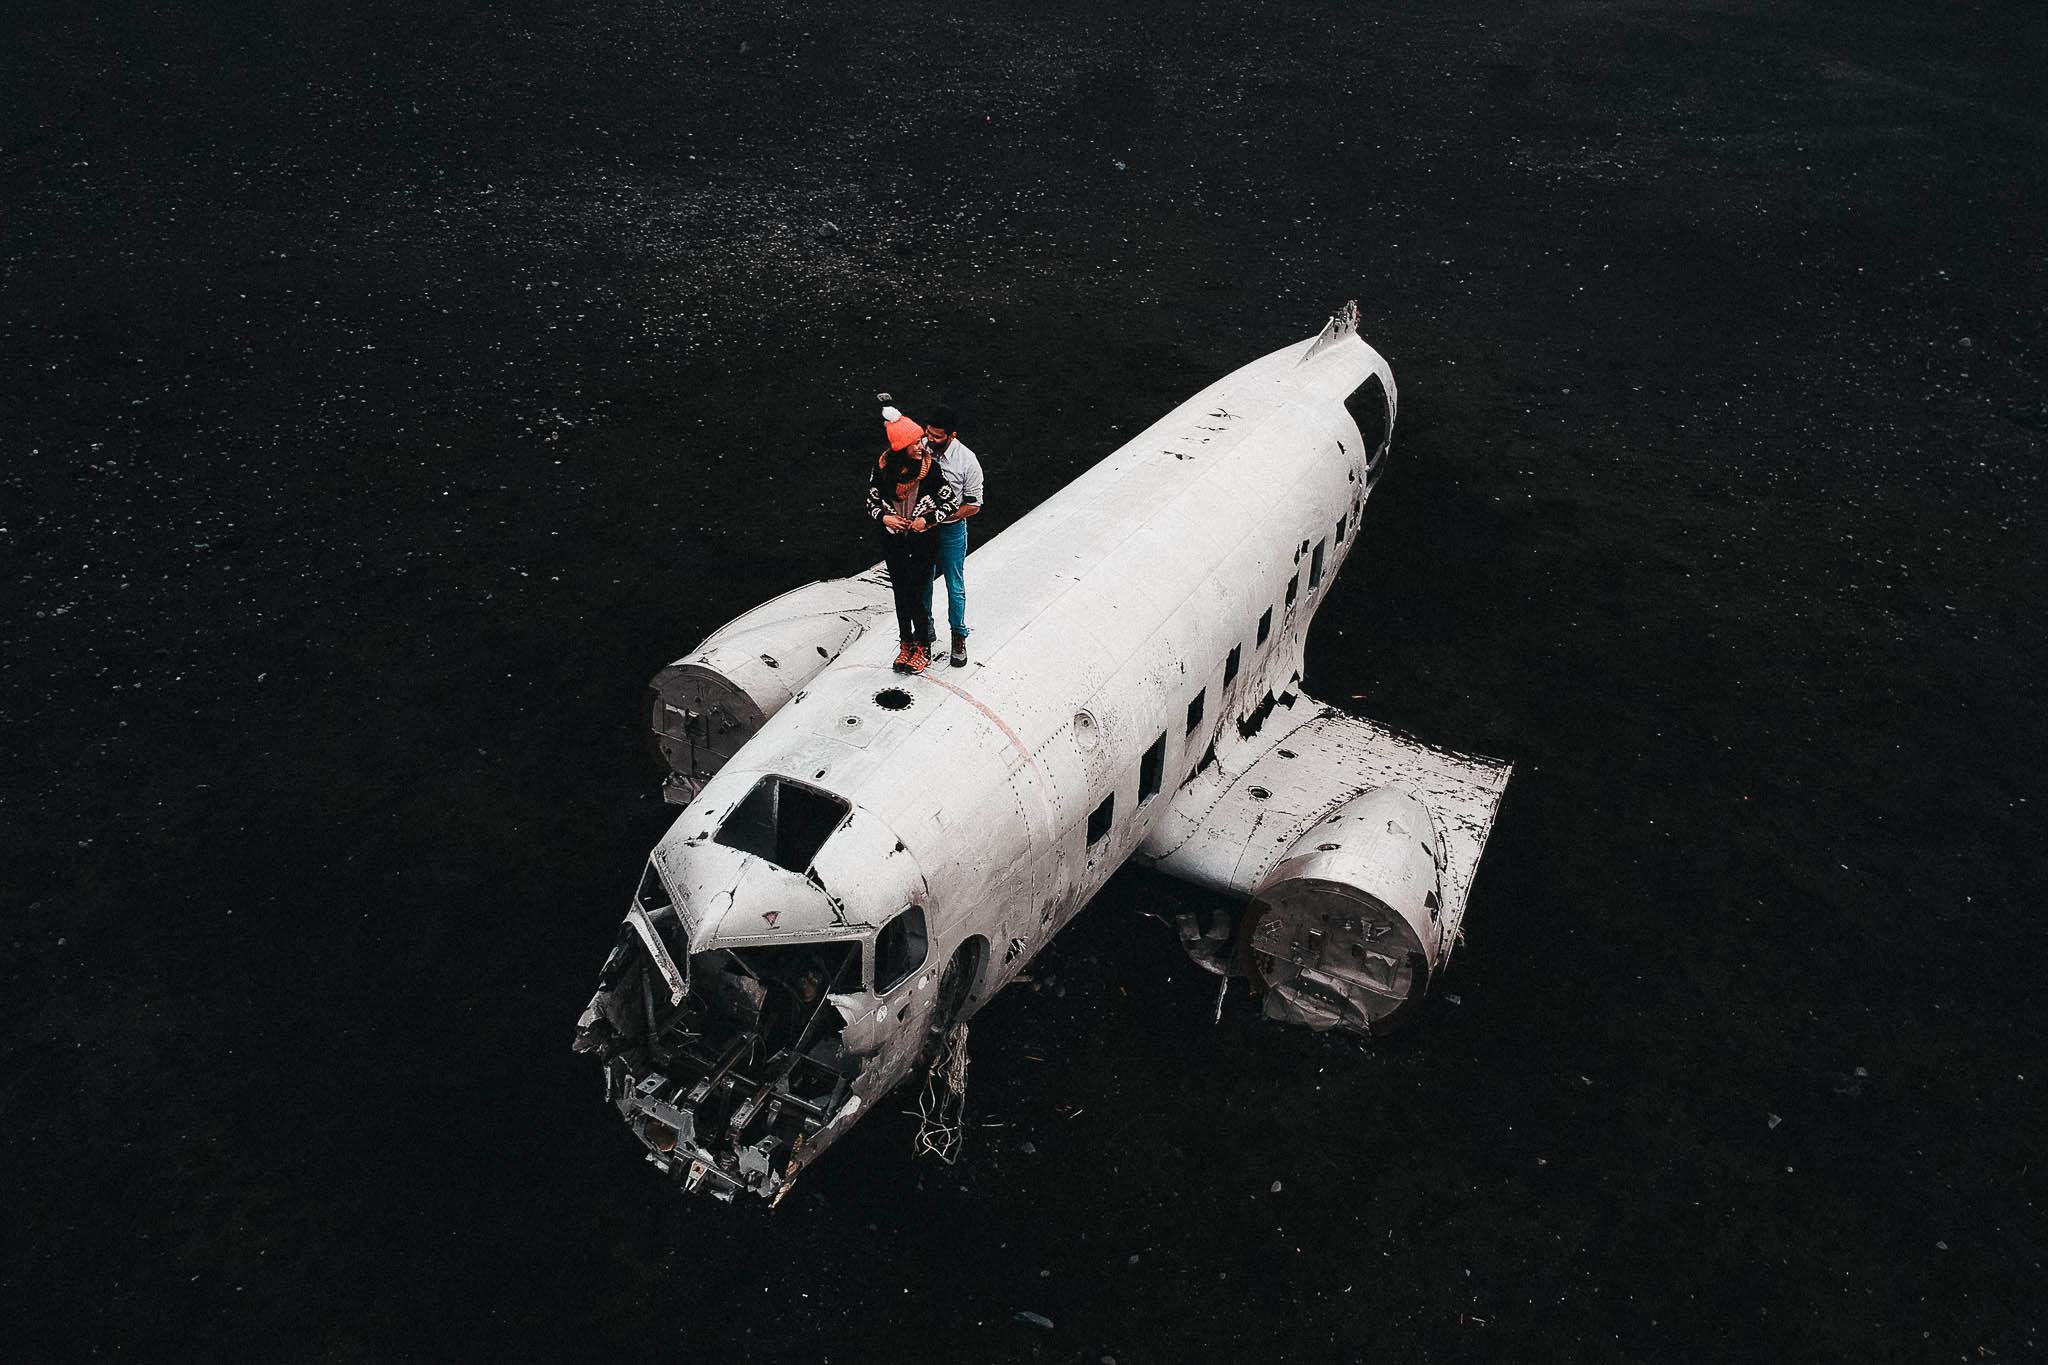 plane crash photoshoot in iceland